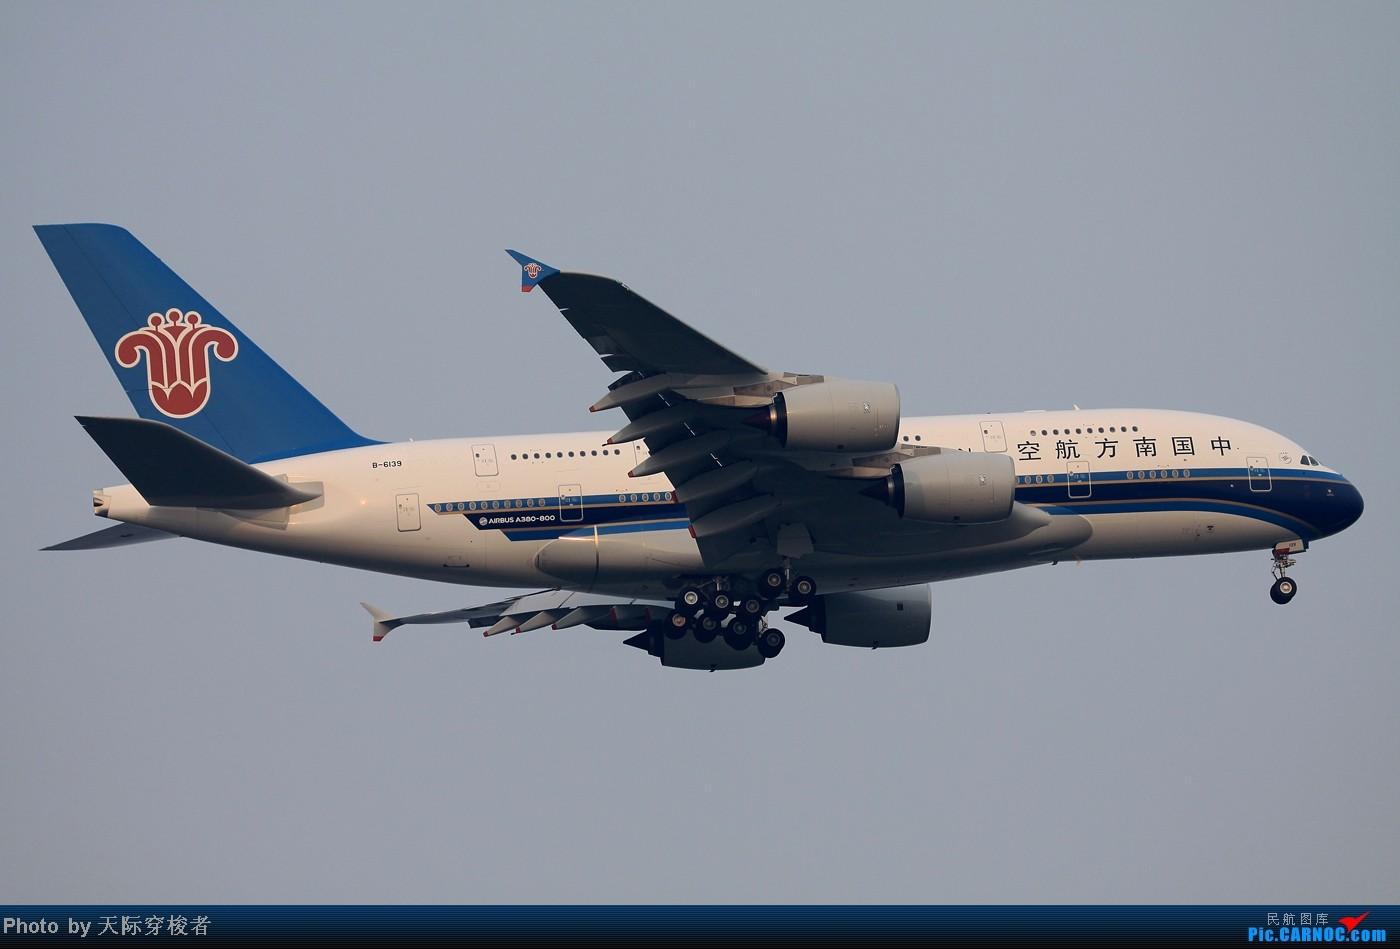 [原创]三个月从返浦东 空客波音上一组 AIRBUS A380 6139 上海浦东国际机场